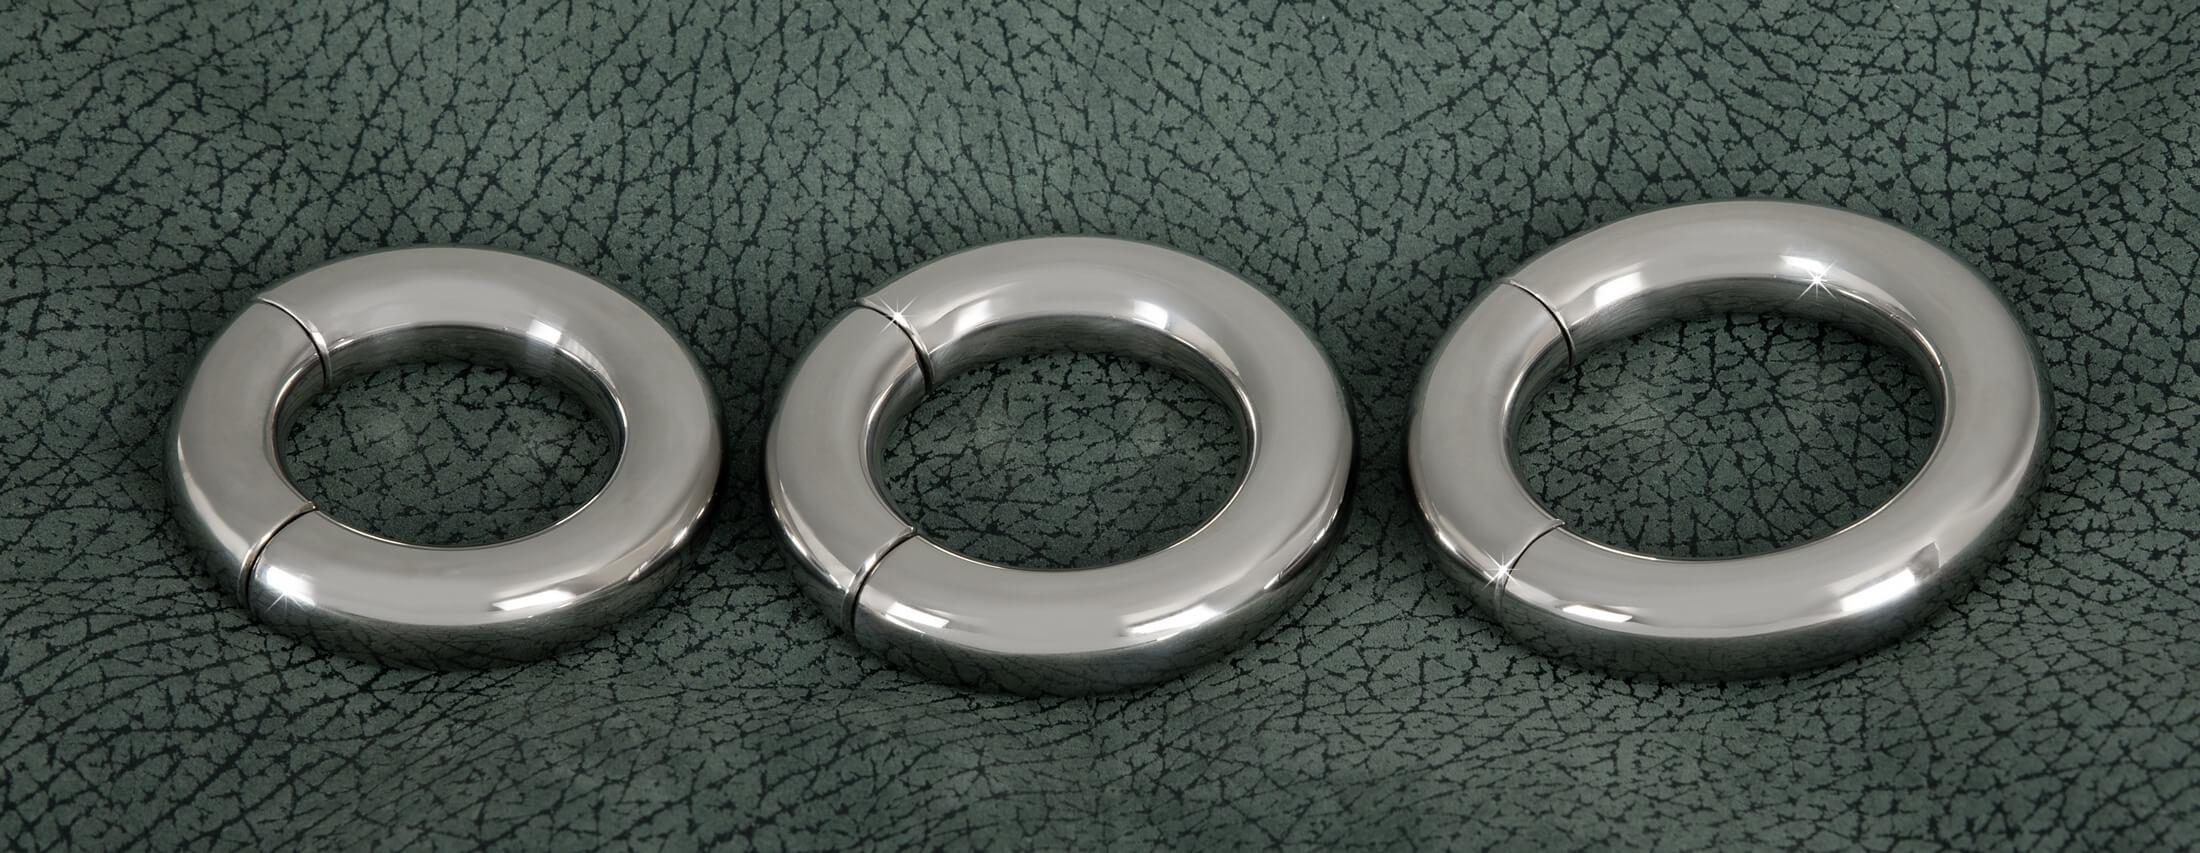 mágneses péniszgyűrű)